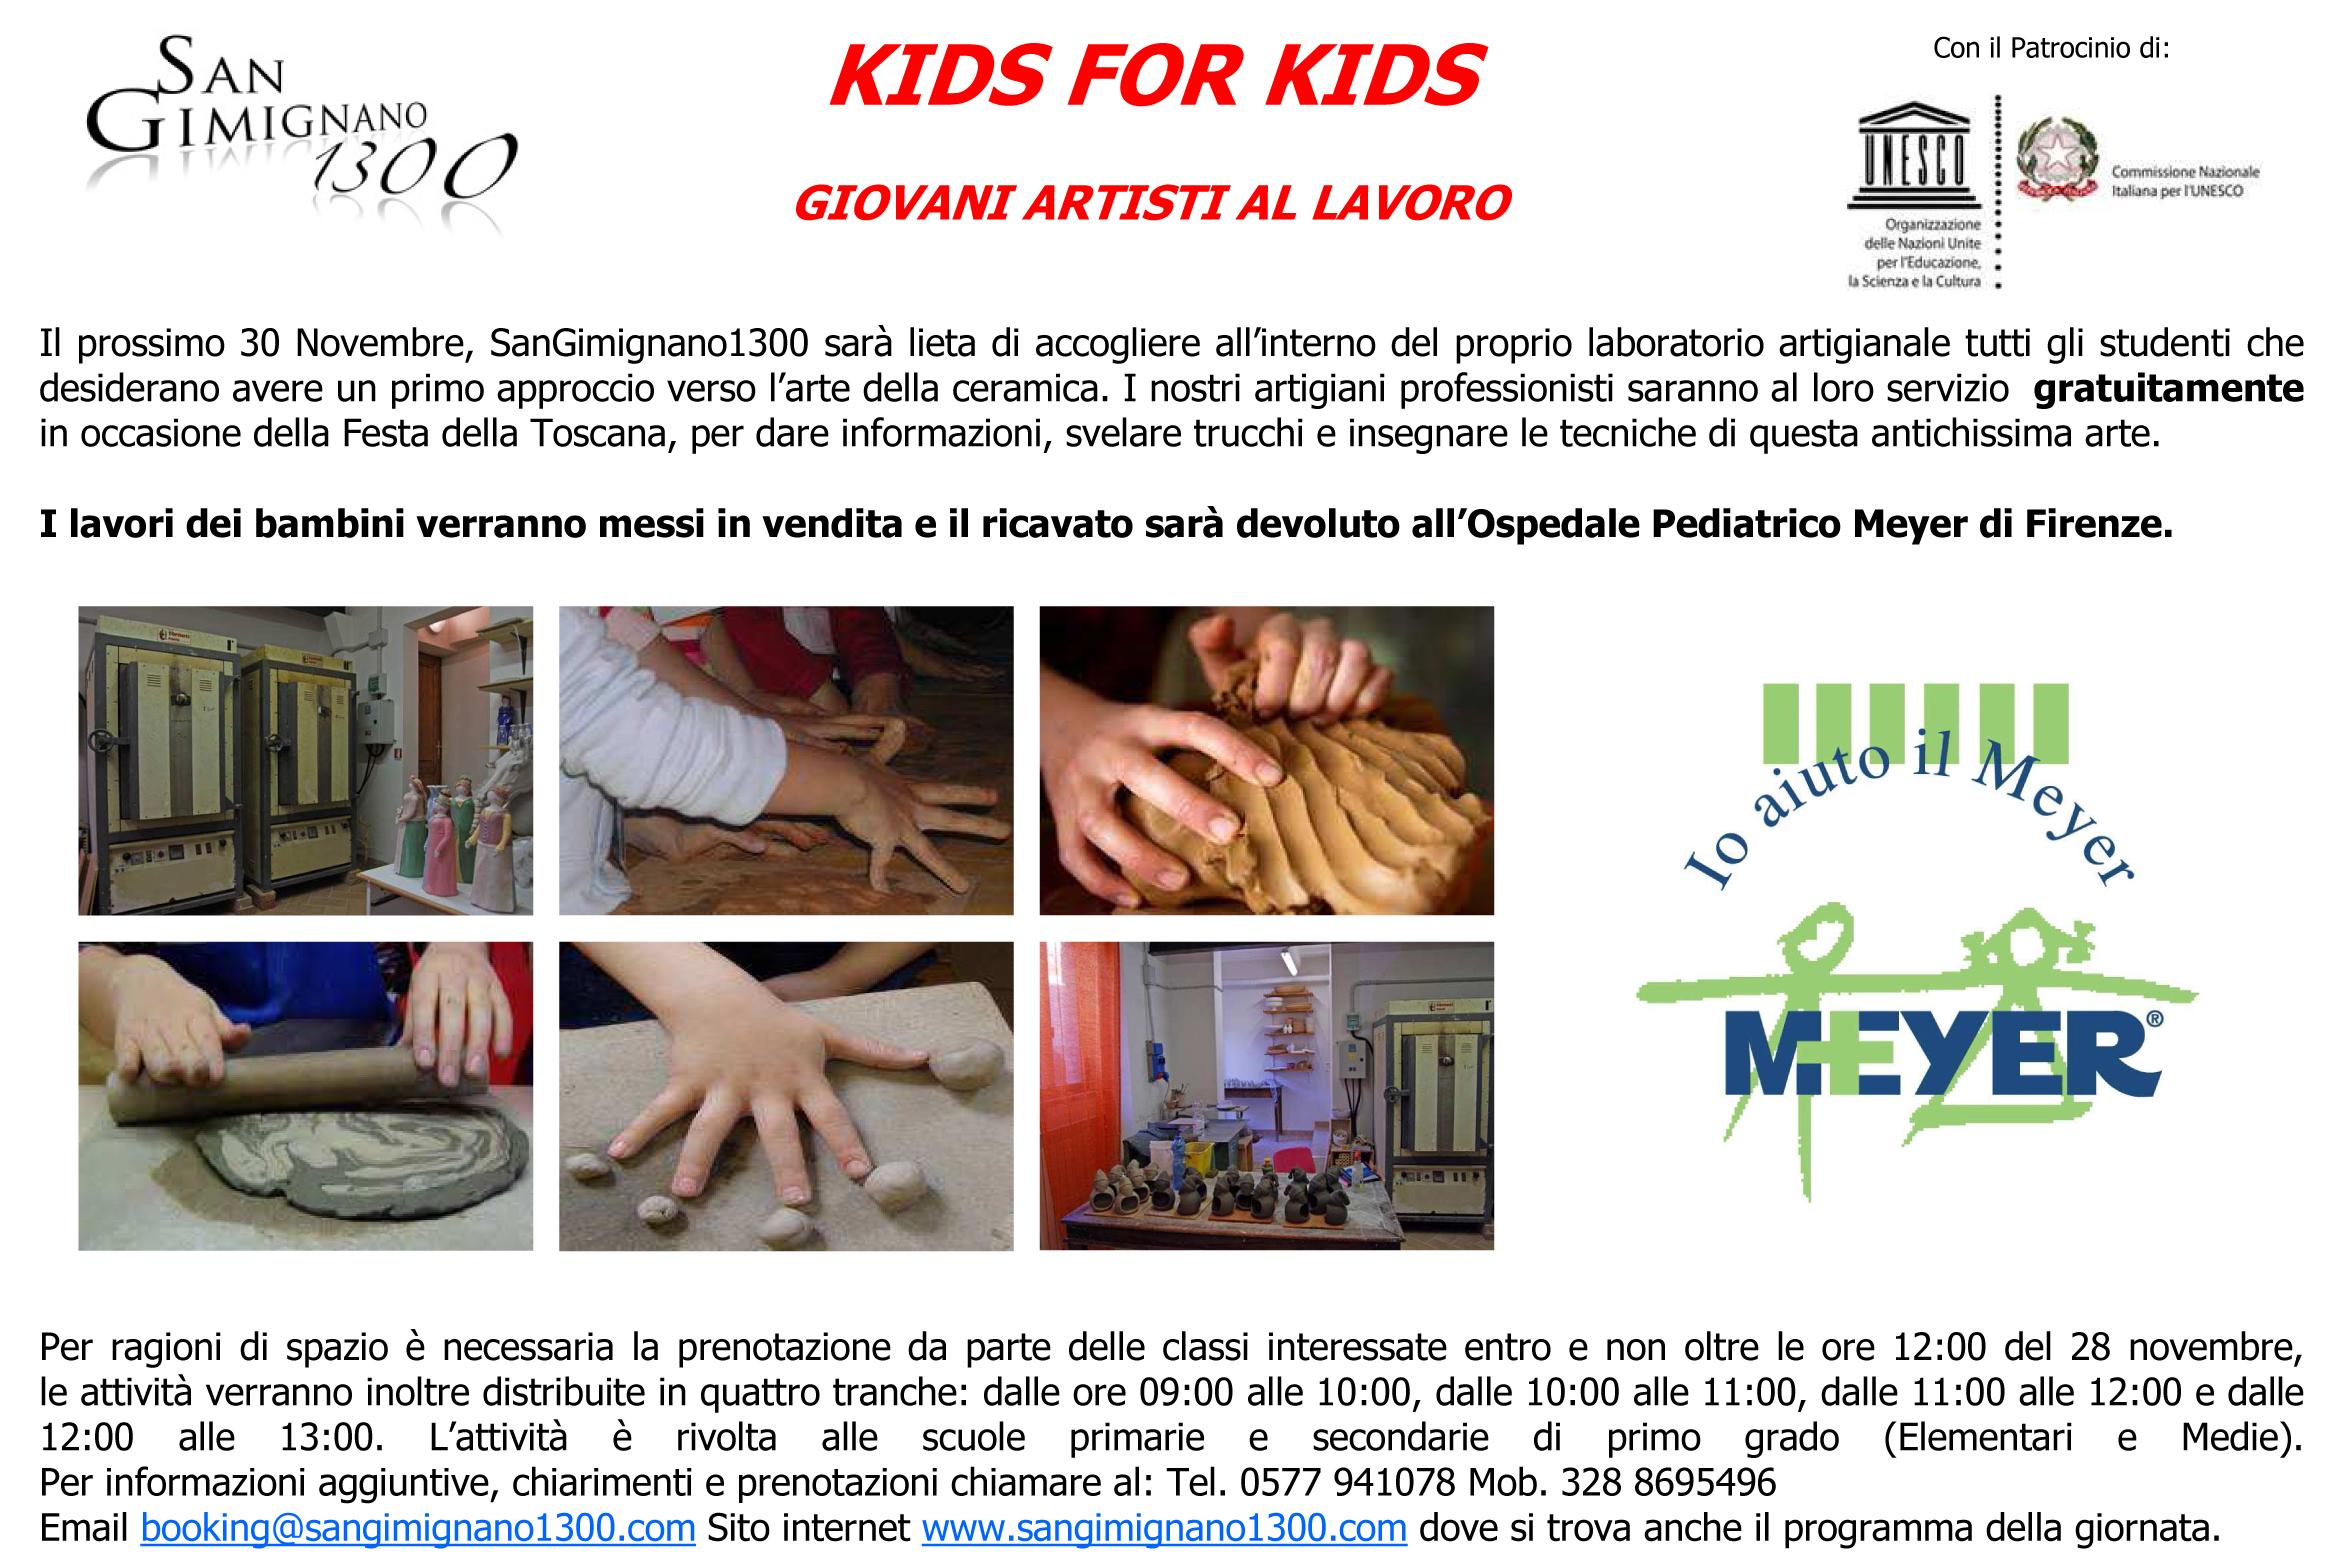 KIDS FOR KIDS – GIOVANI ARTISTI AL LAVORO PER IL MEYER